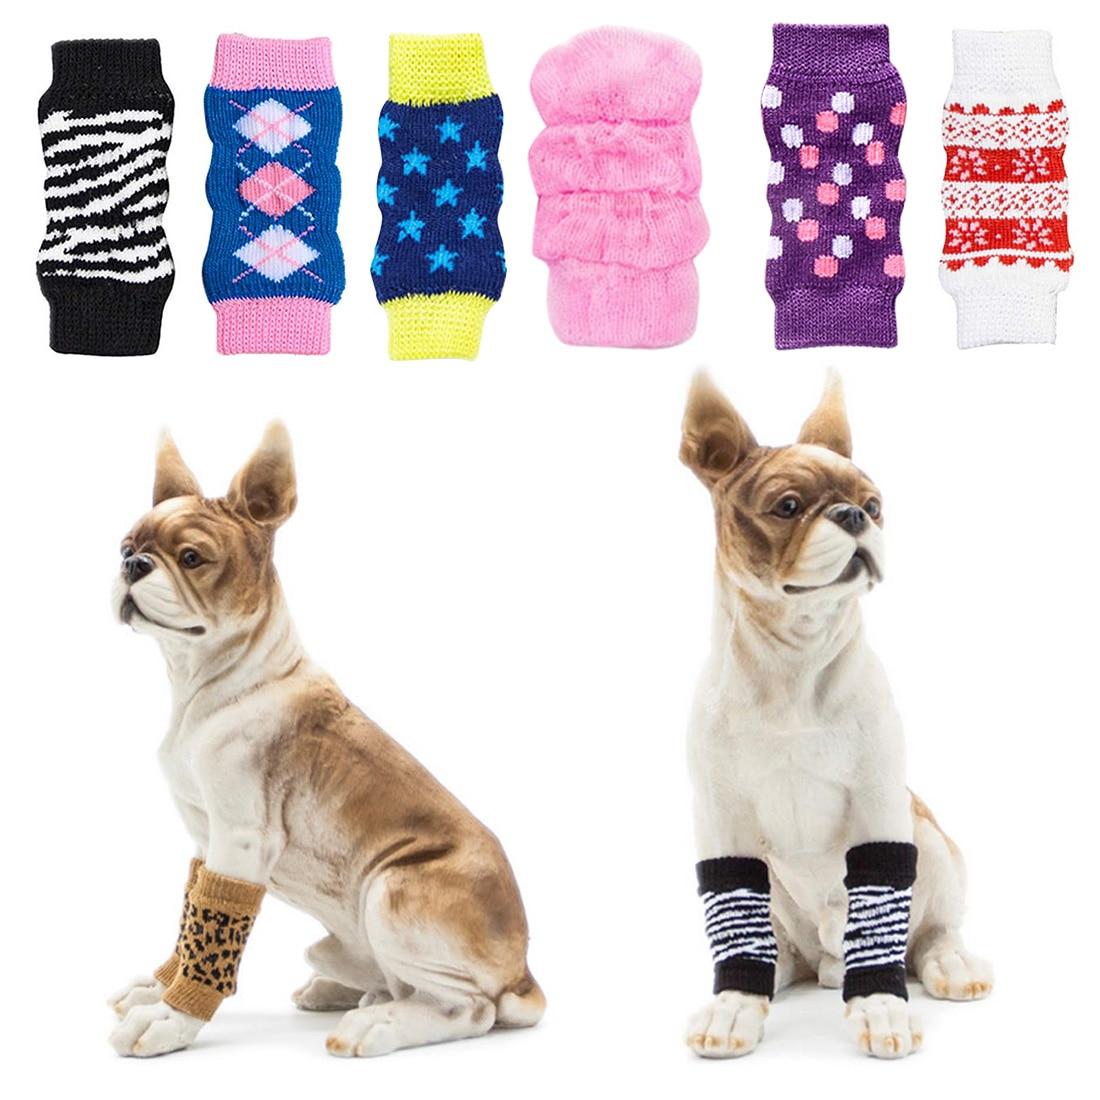 Dierbenodigdheden 4 Stks/set Winter Dikke Warm Puppy Pet Hond Been Sokken Anti Slip Schoenen Zebra Leopard Dots Print Non -slip Beenwarmers Voor Het Verbeteren Van De Bloedsomloop